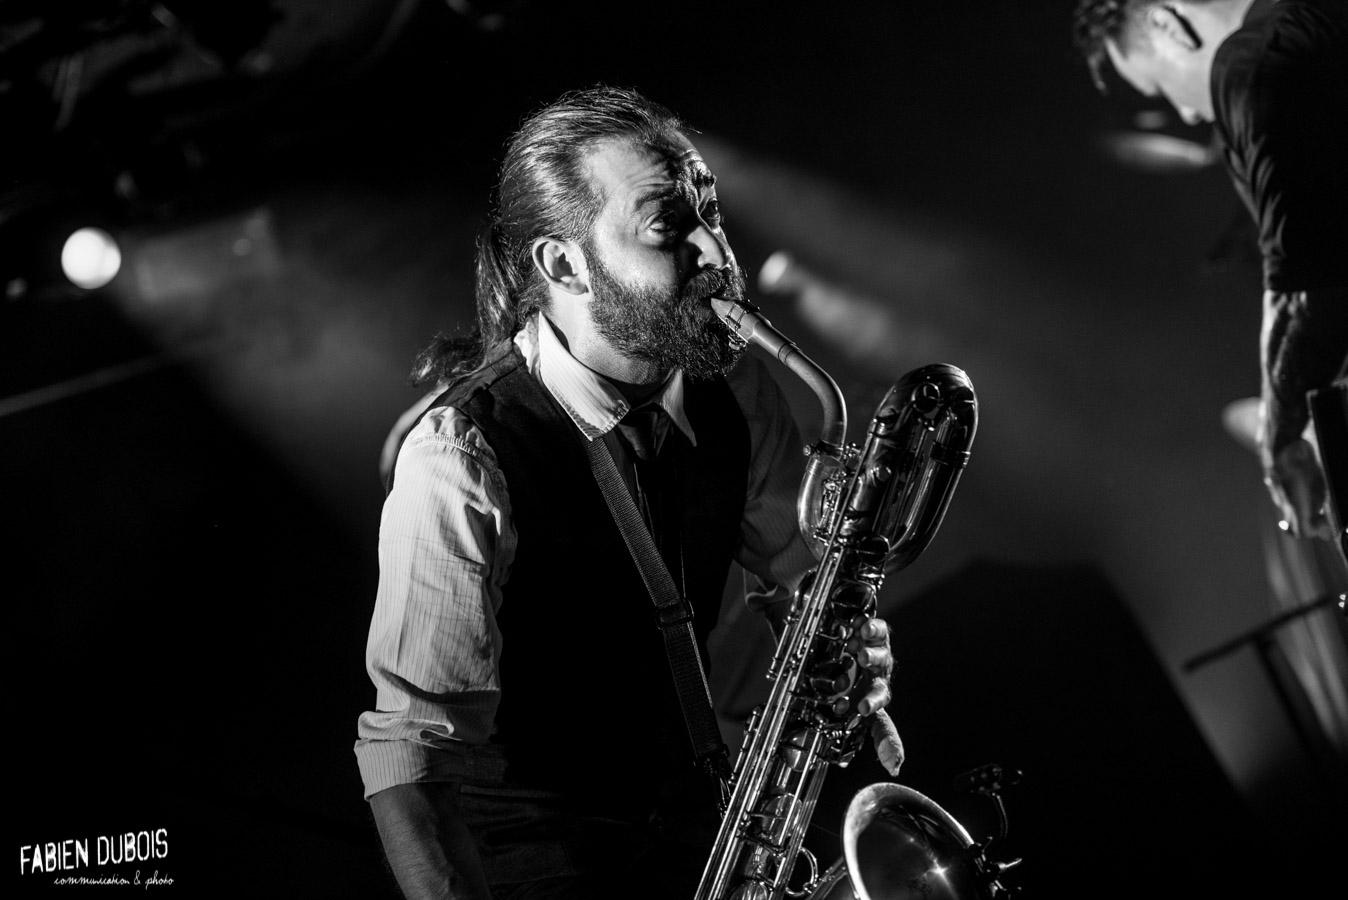 Photo Nadejda Cave à Musique Cavazik Mâcon 2018